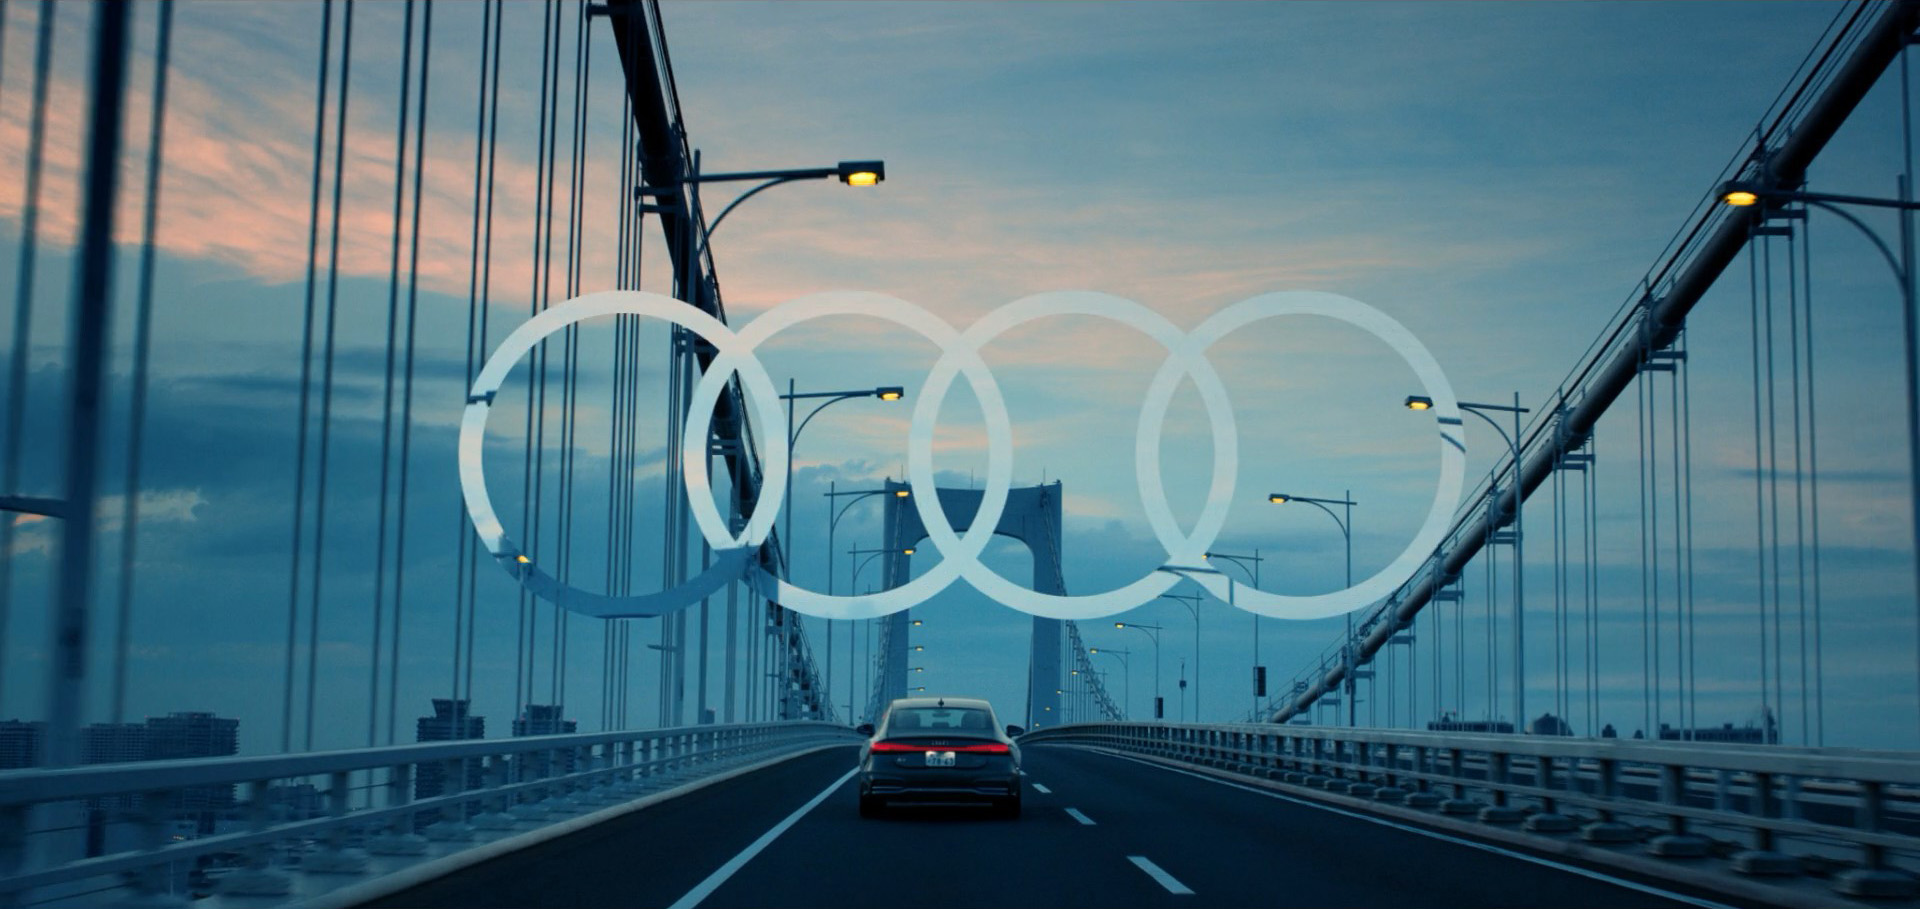 032 - Audi - Runner-0121